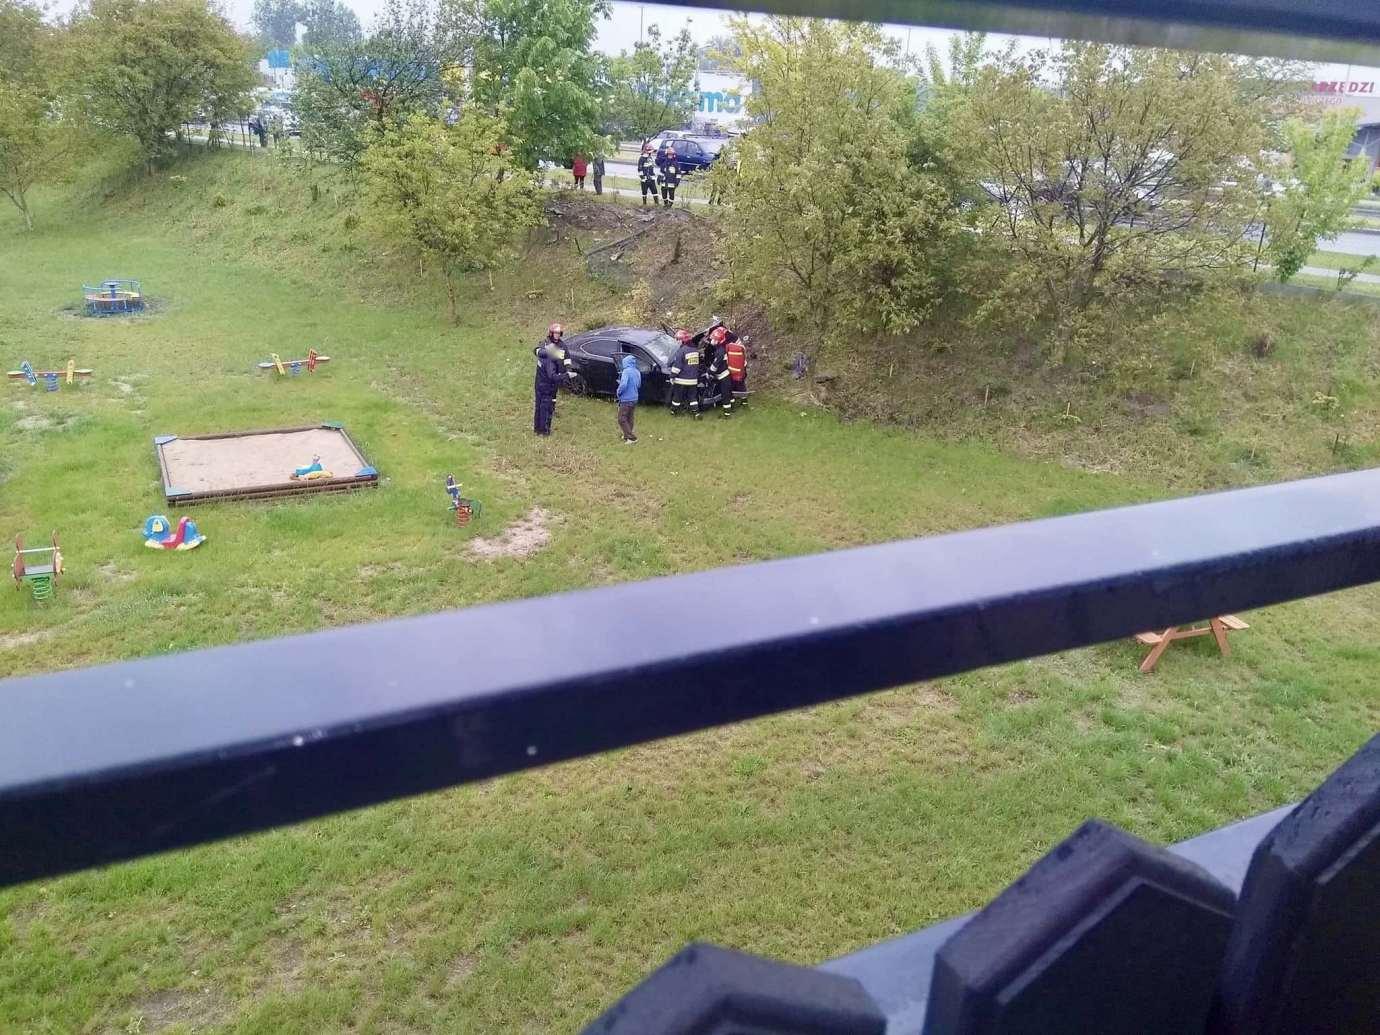 img 9248 Zamość: Mogło dojść do tragedii! Samochód wypadł z drogi i wpadł na teren placu zabaw.